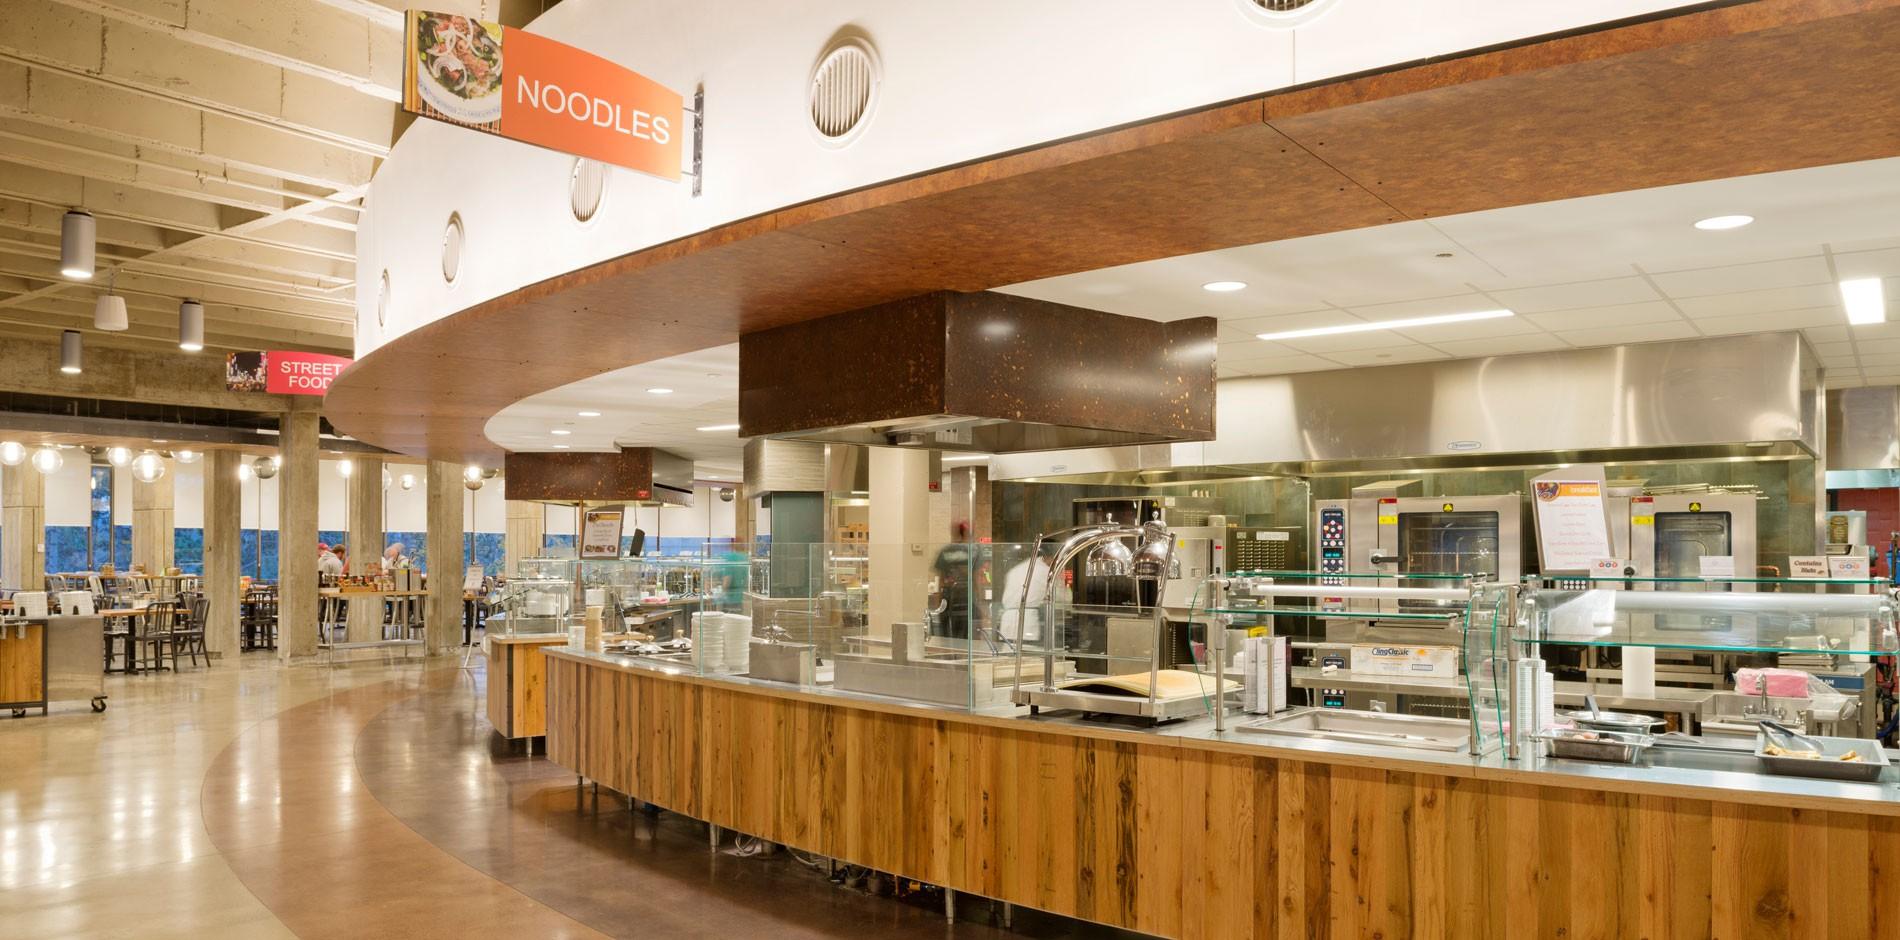 umass amherst hampshire dining commons renovation shawmut